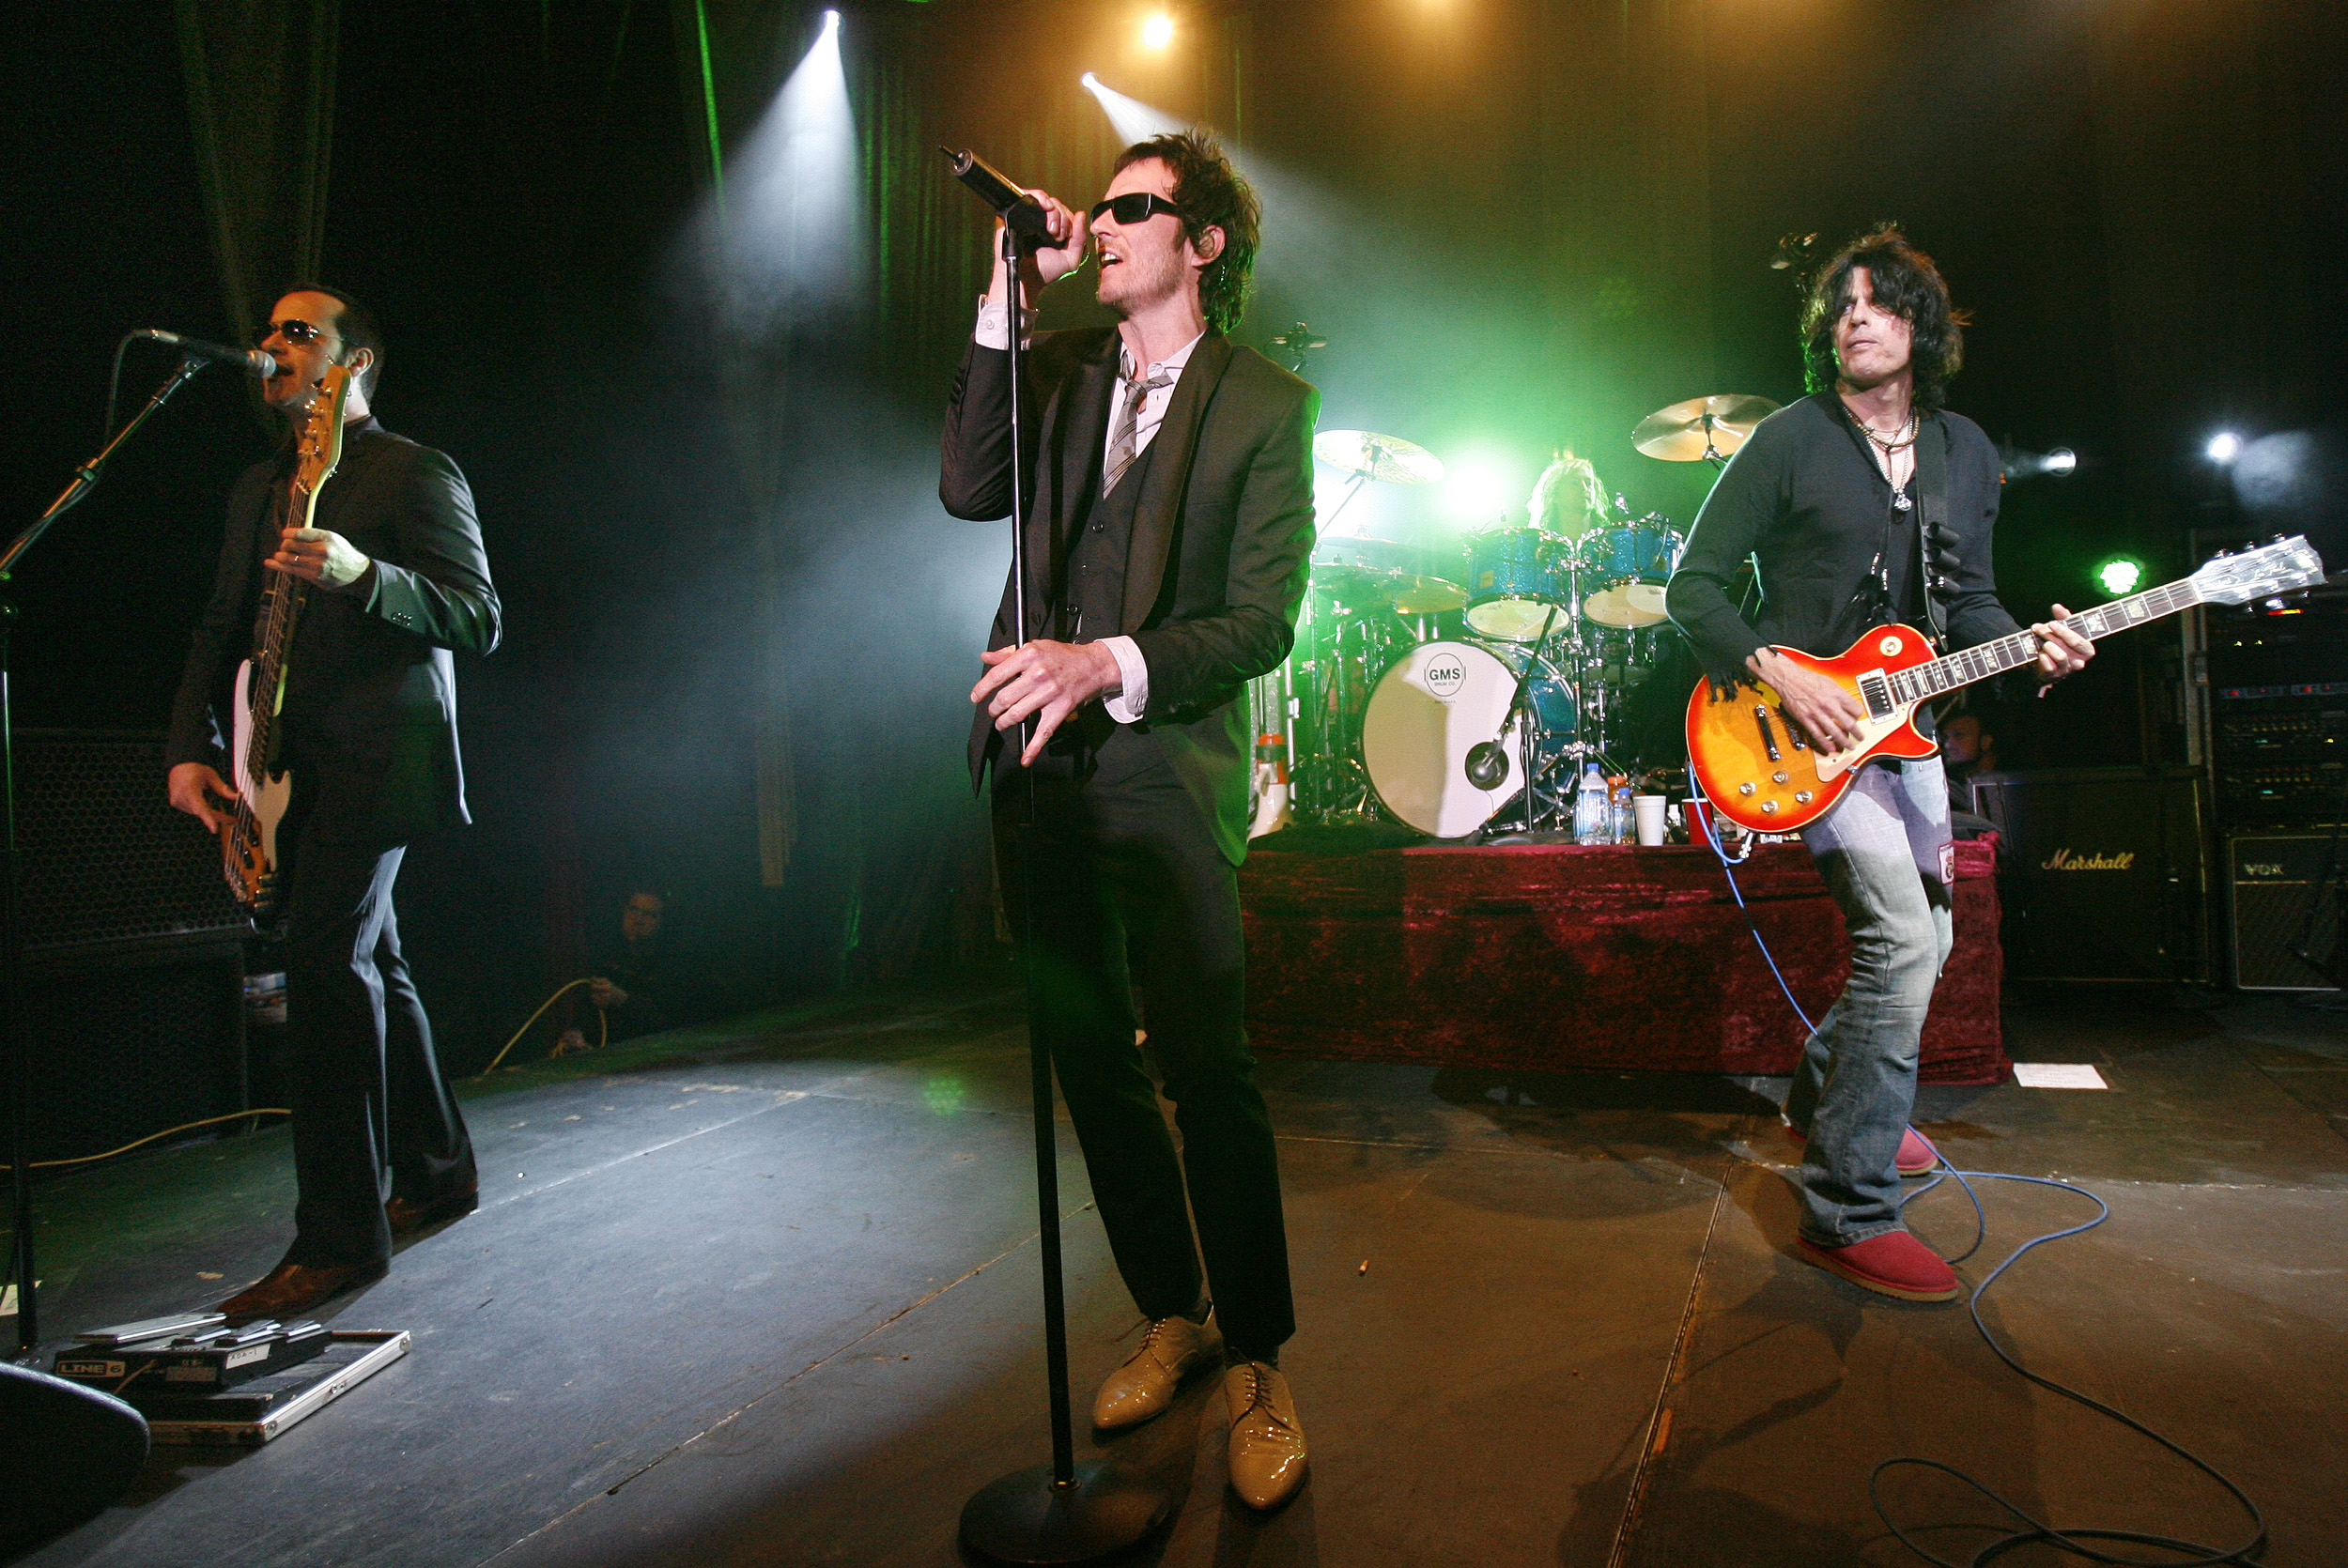 Scott con Stone Temple Pilots